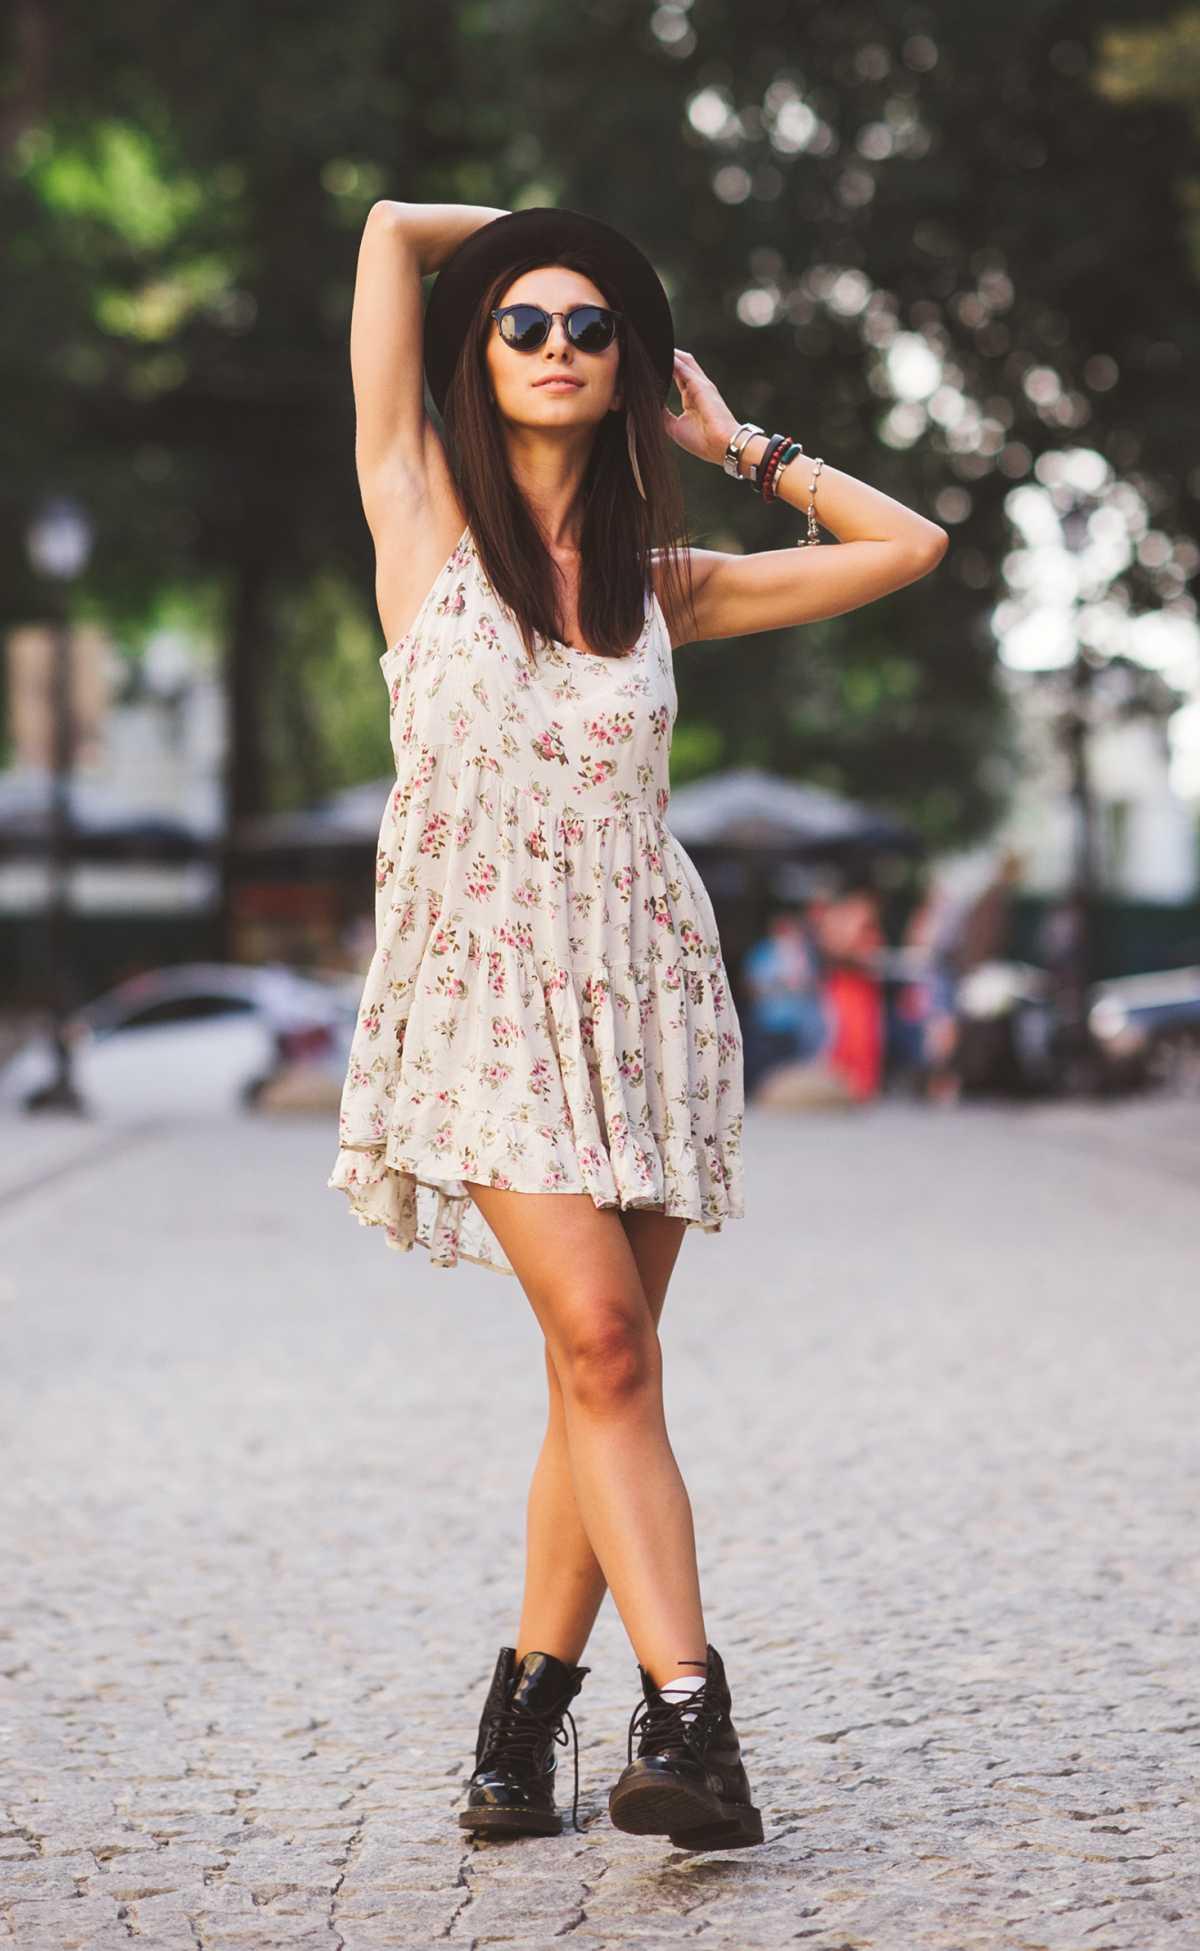 vestido floral com coturno